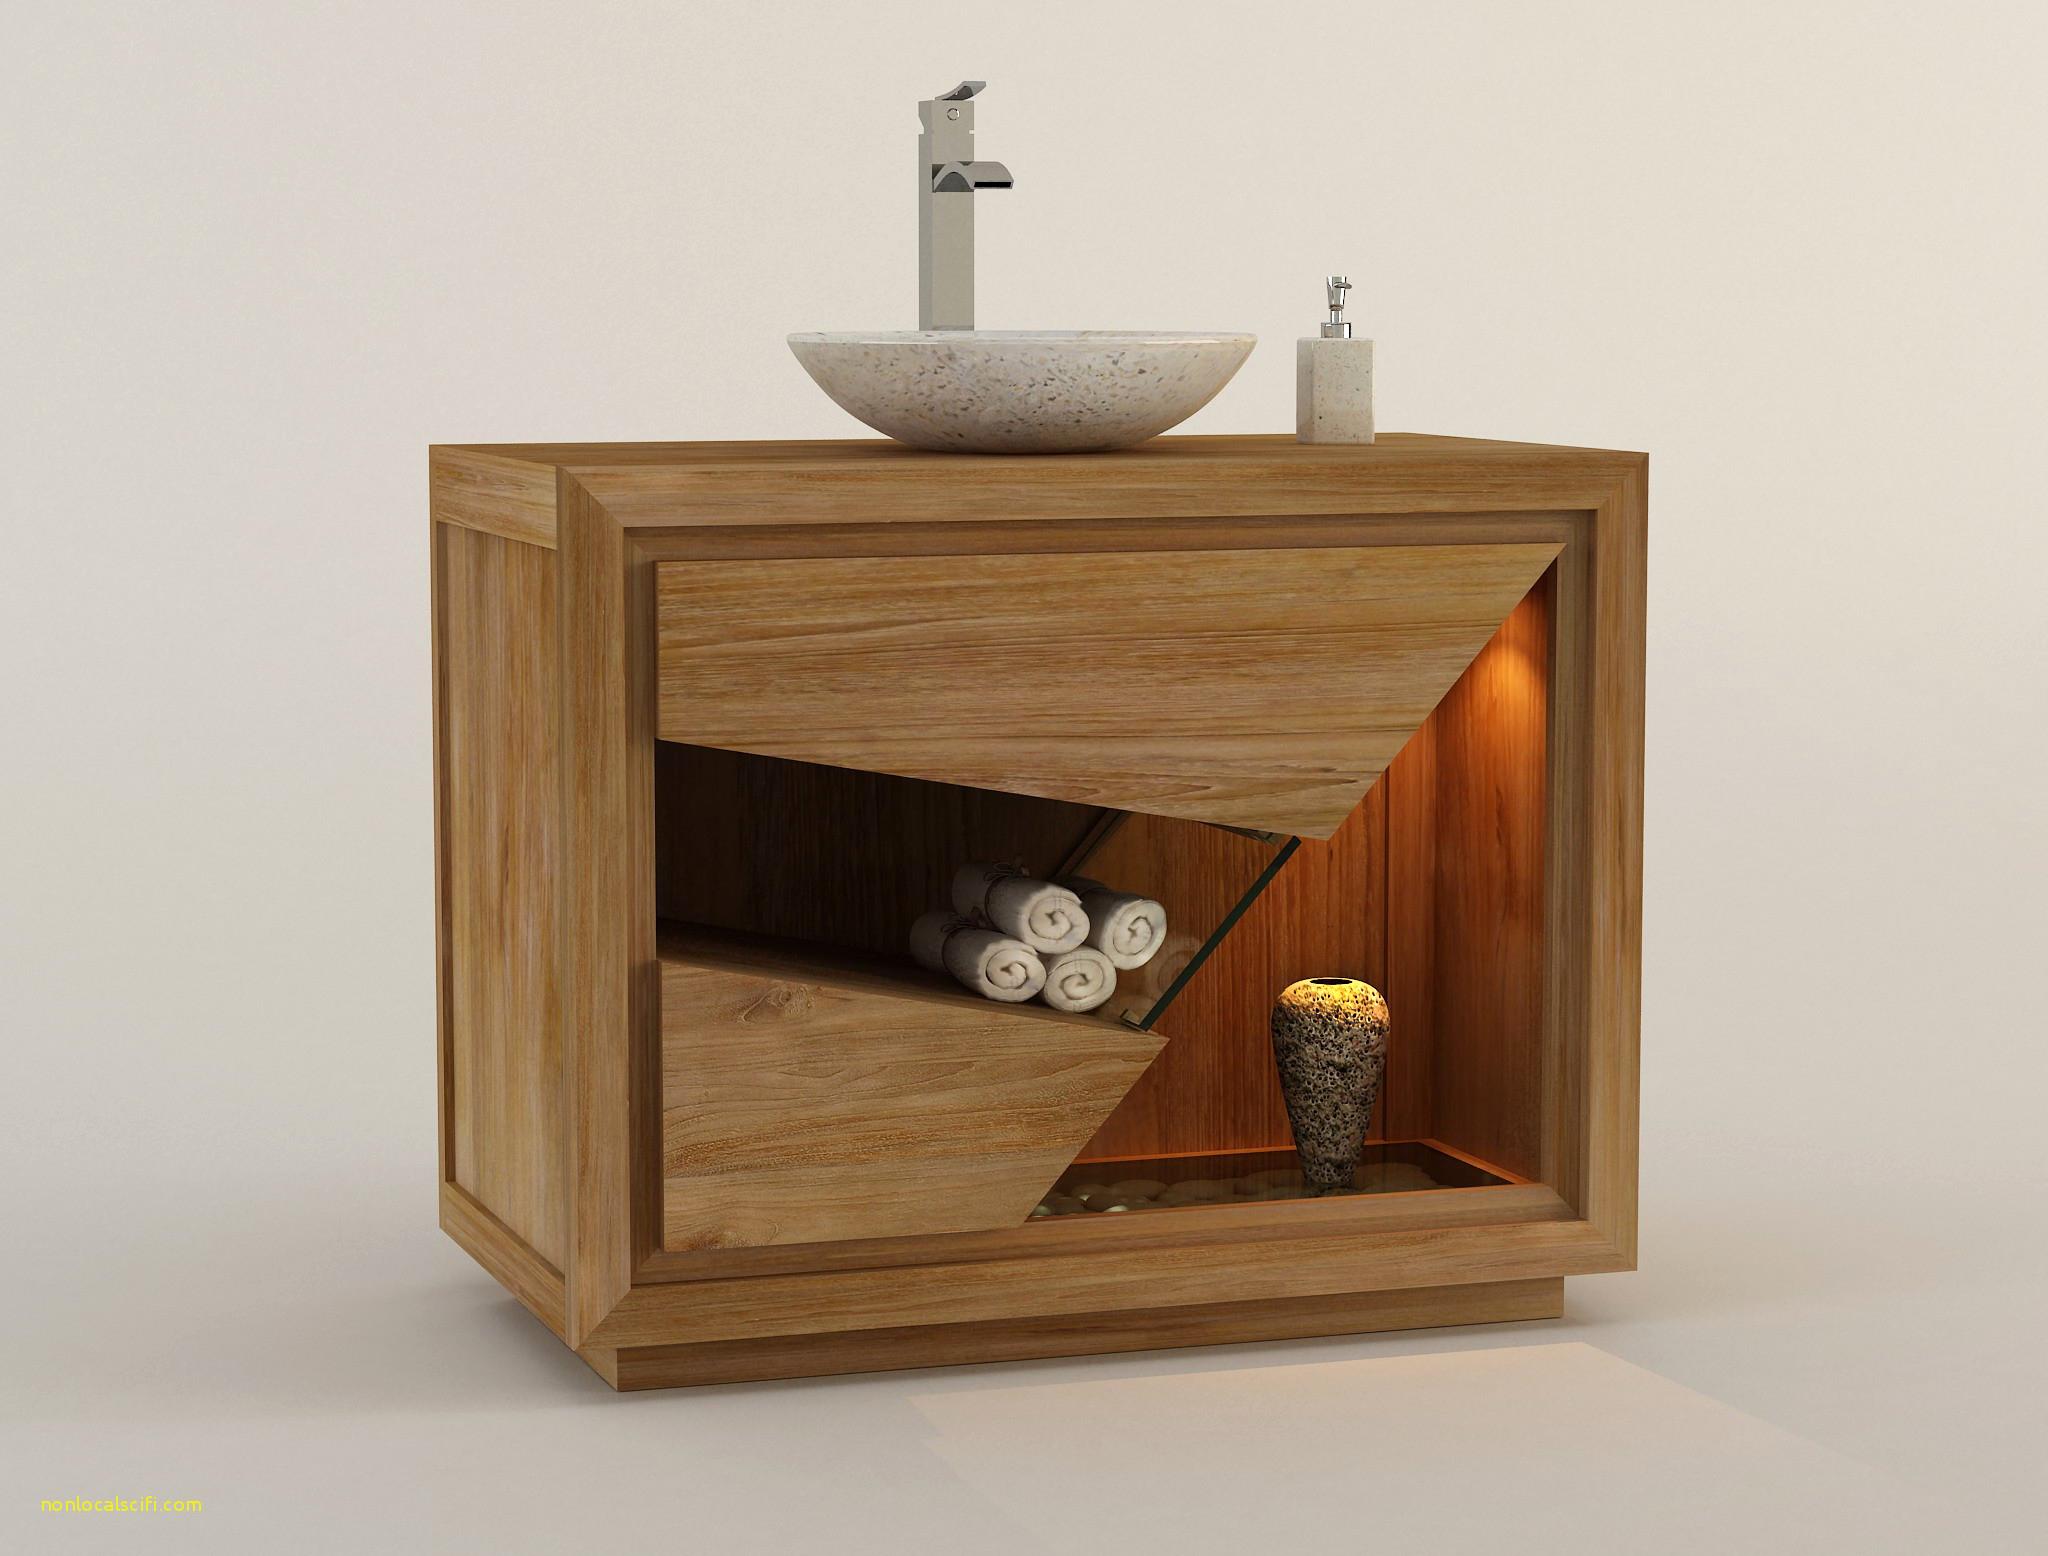 Cooke and Lewis Meuble Salle De Bain Inspirant Image Résultat Supérieur 100 Luxe Meuble sous Lavabo Bois Galerie 2018